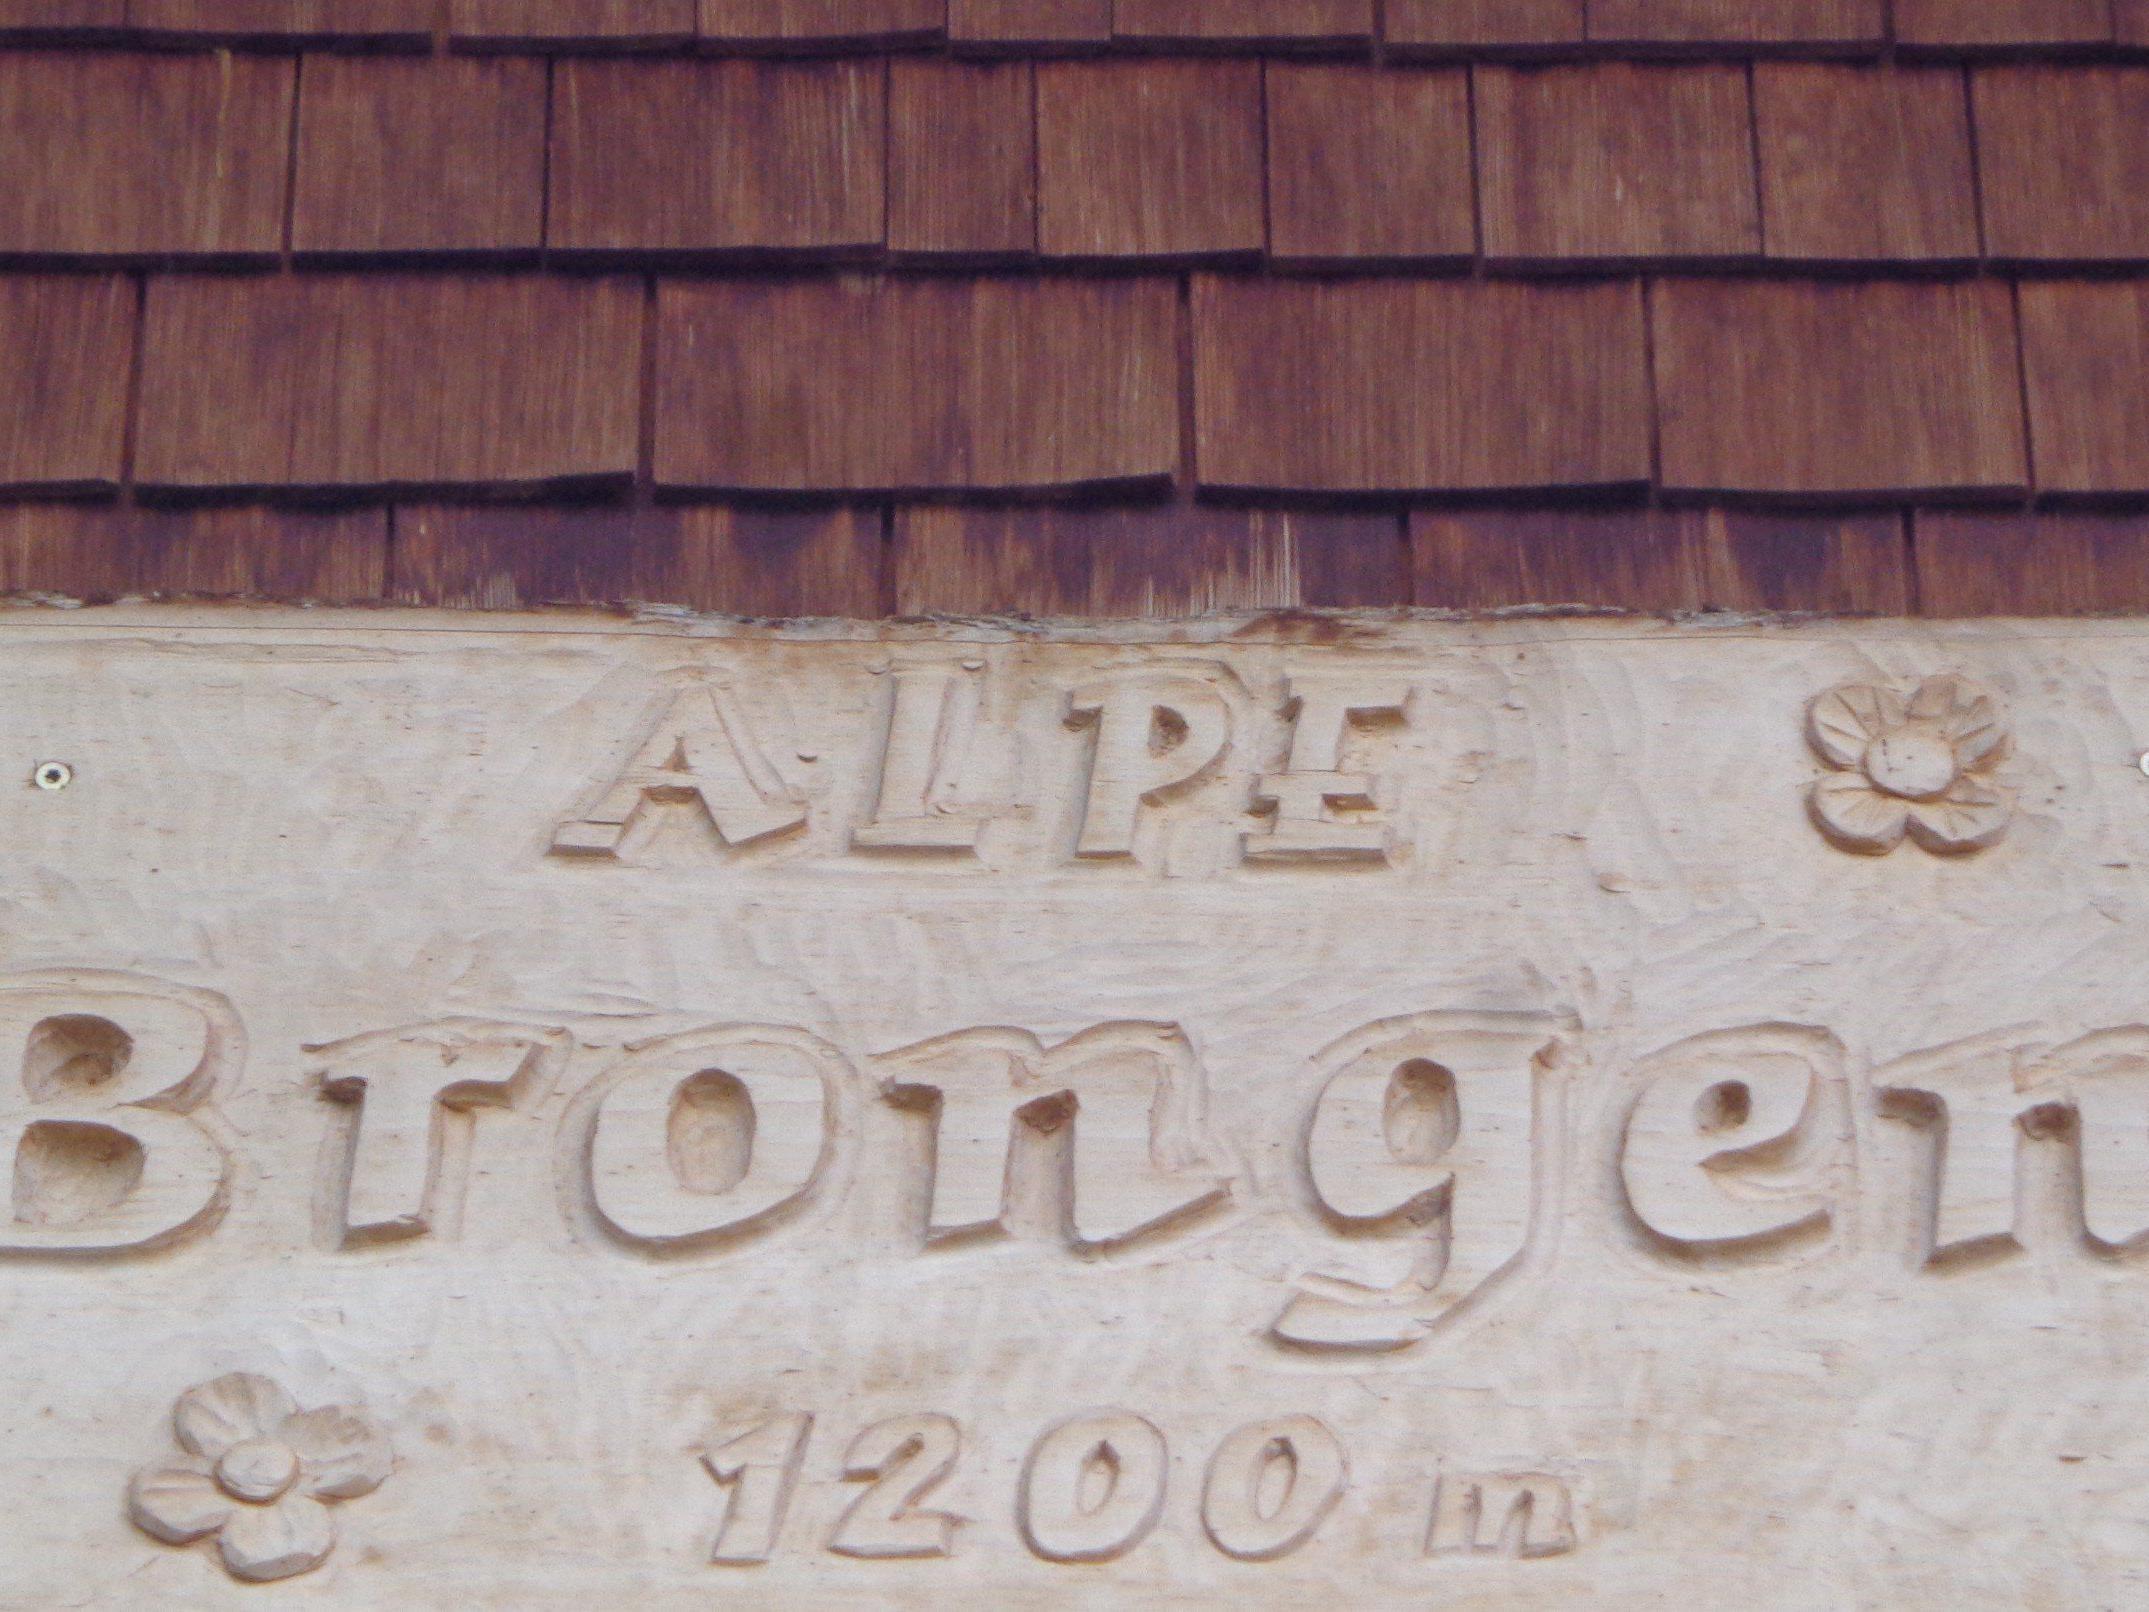 Senn-Alpe Brongen, Egg-Schetteregg.